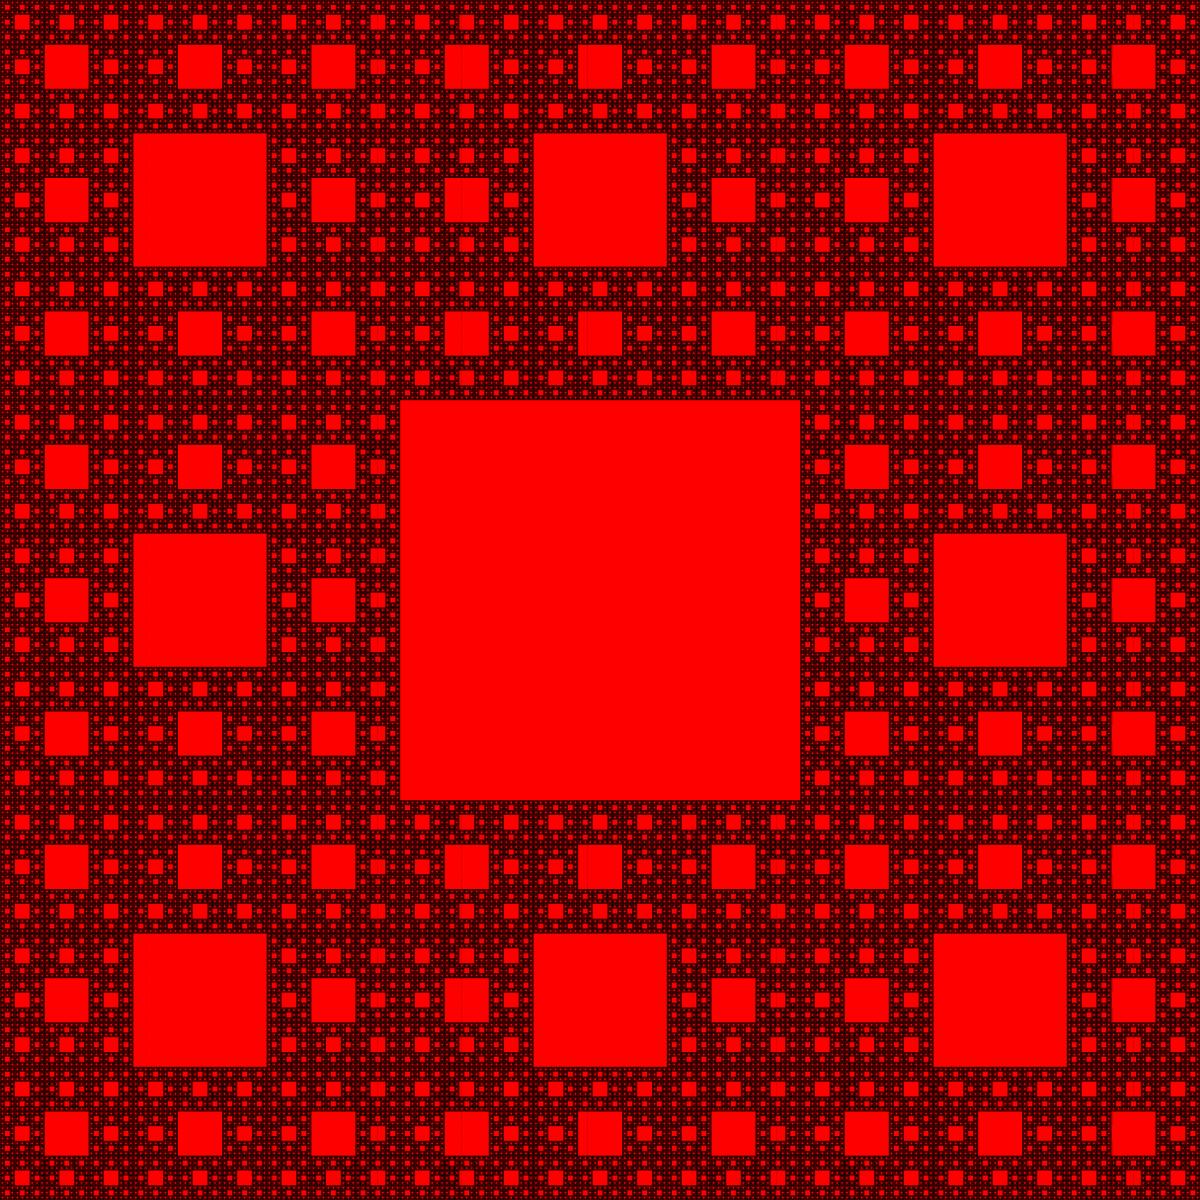 Alfombra de sierpinski wikipedia la enciclopedia libre for El paraiso de las alfombras